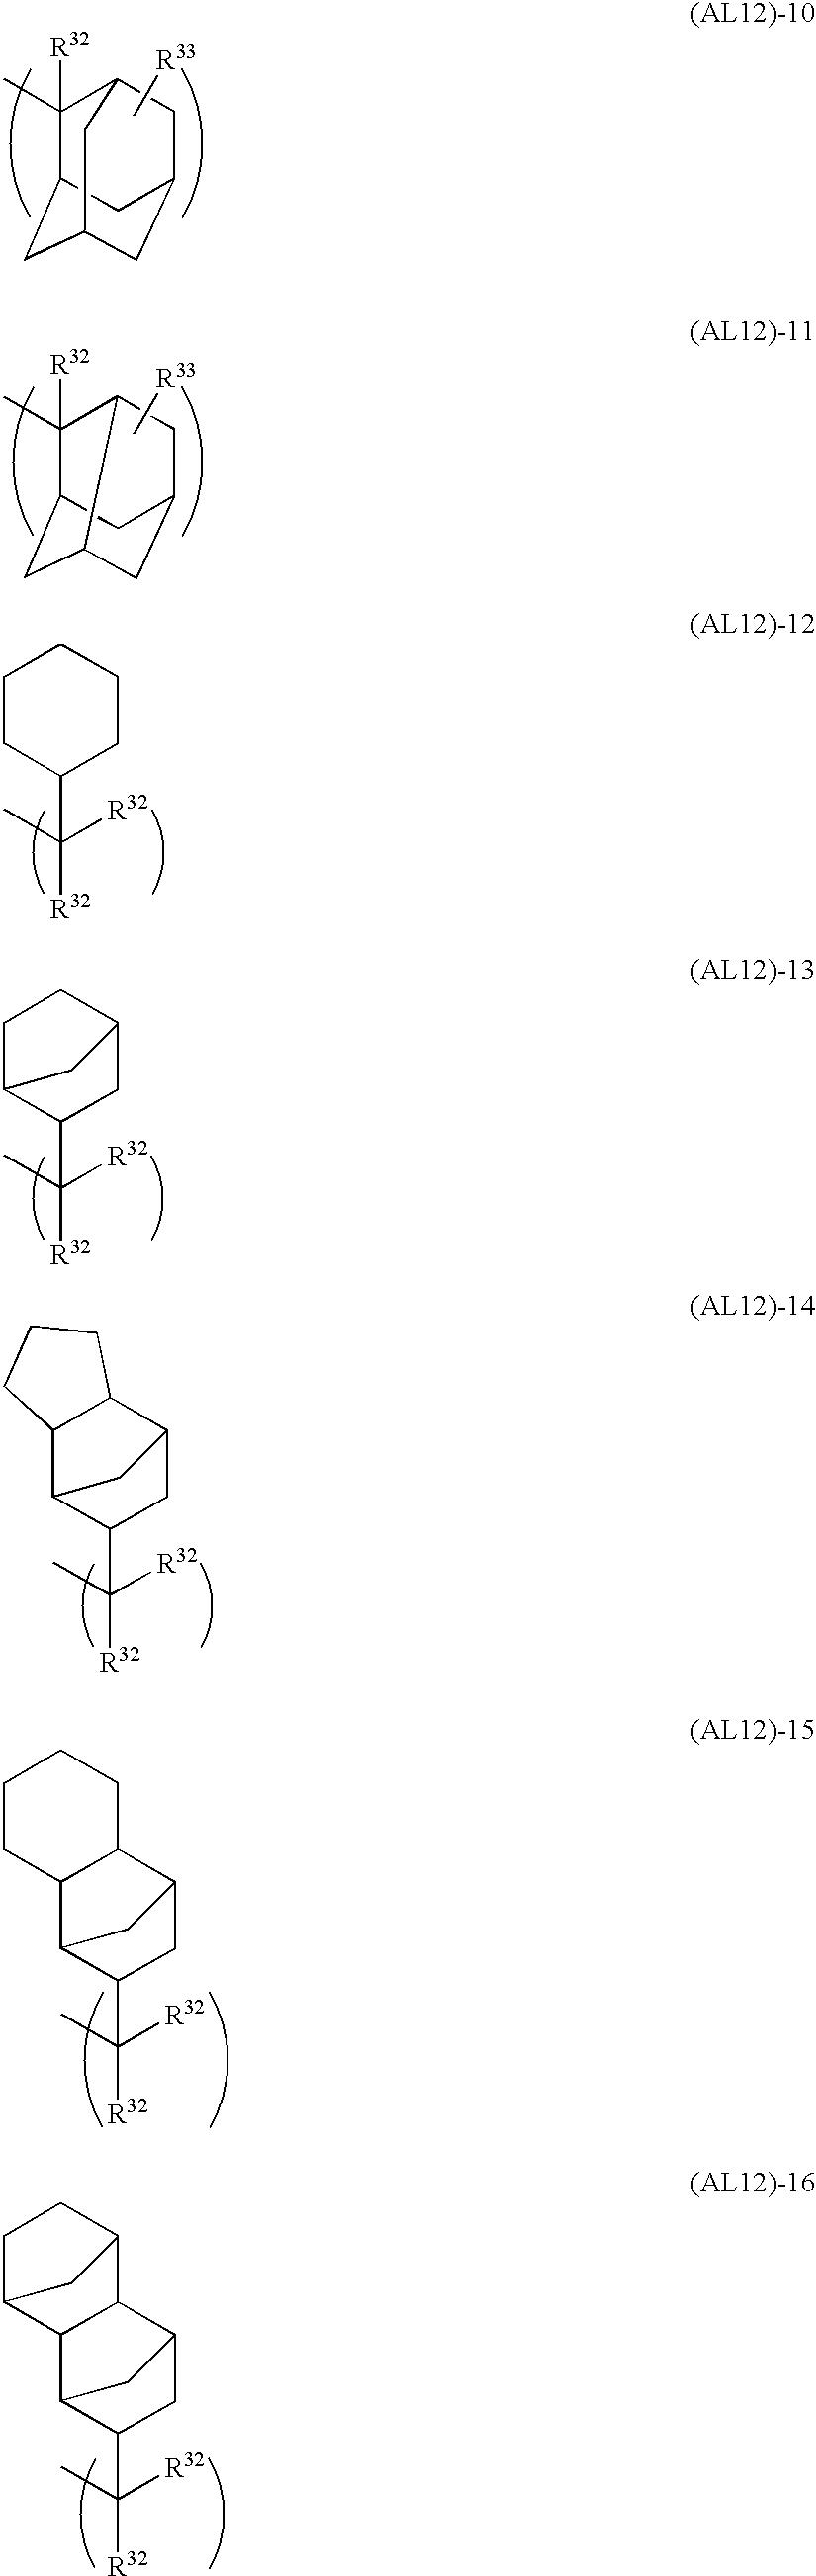 Figure US20030207201A1-20031106-C00026